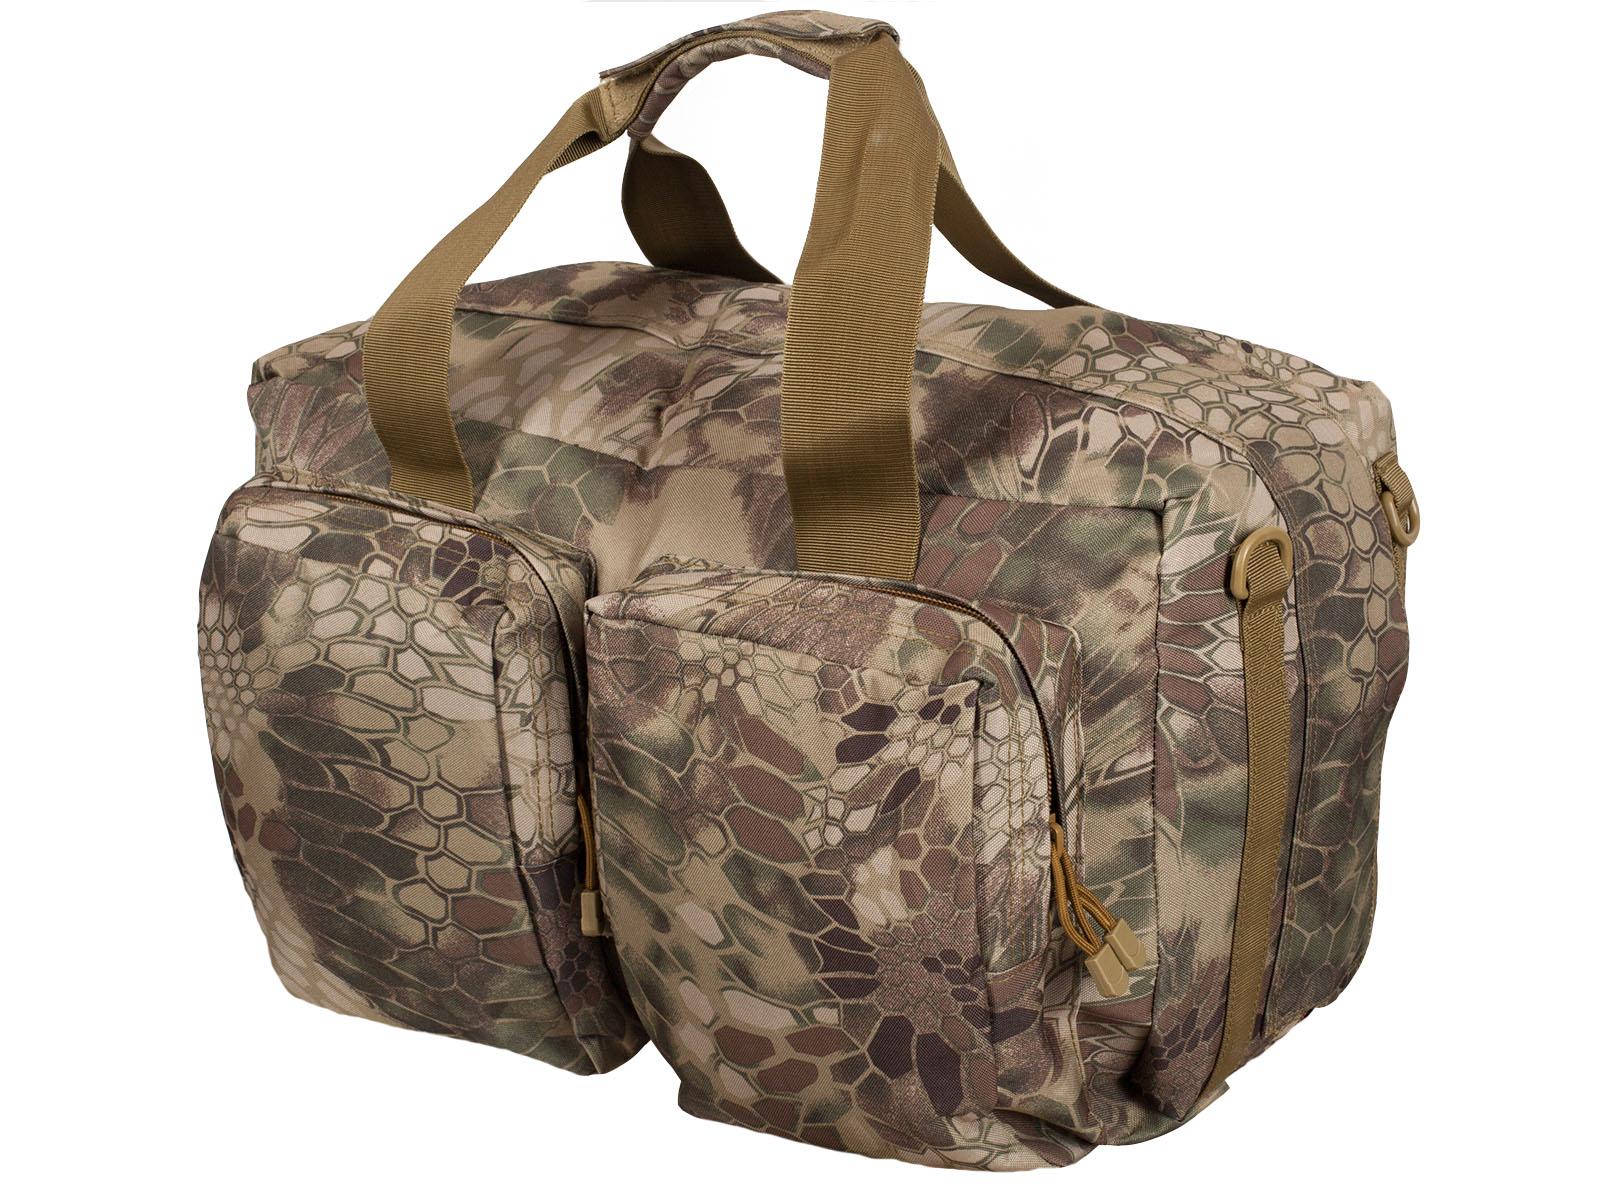 Купить в Москве сумку большого размера камуфляжного цвета